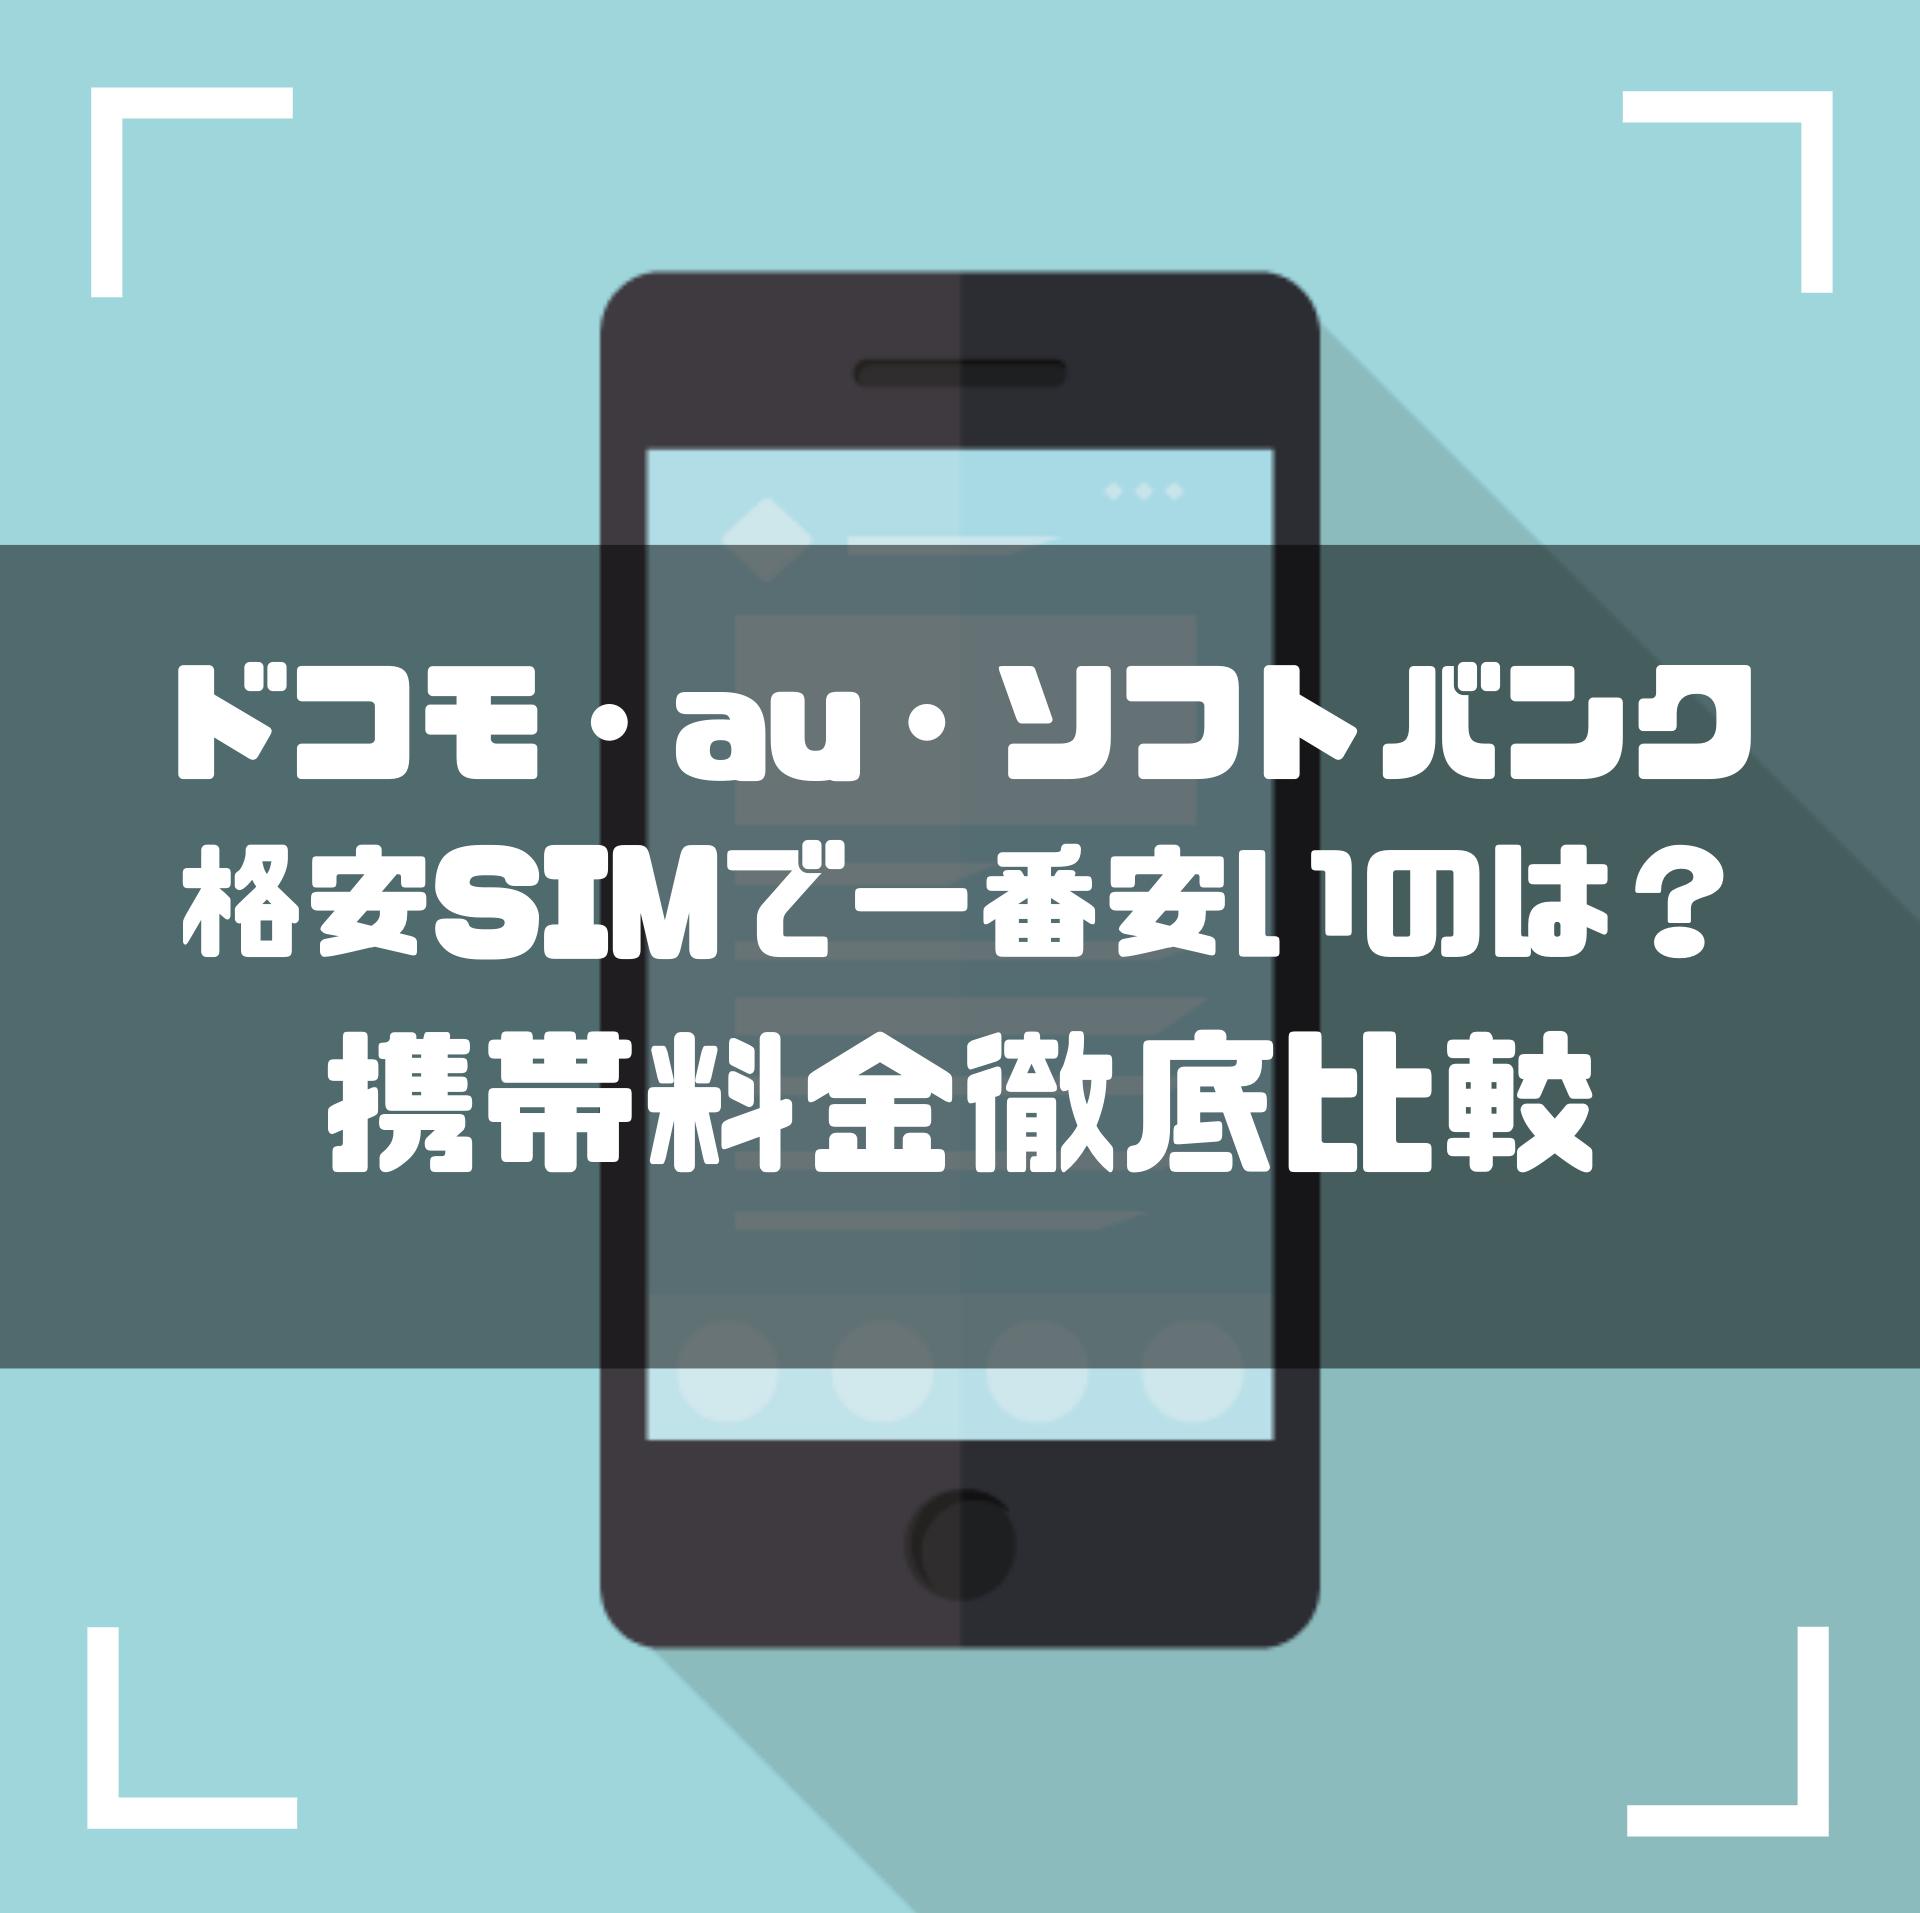 携帯料金を徹底比較|ドコモ・au・ソフトバンク・格安SIMの中で一番安いのは?